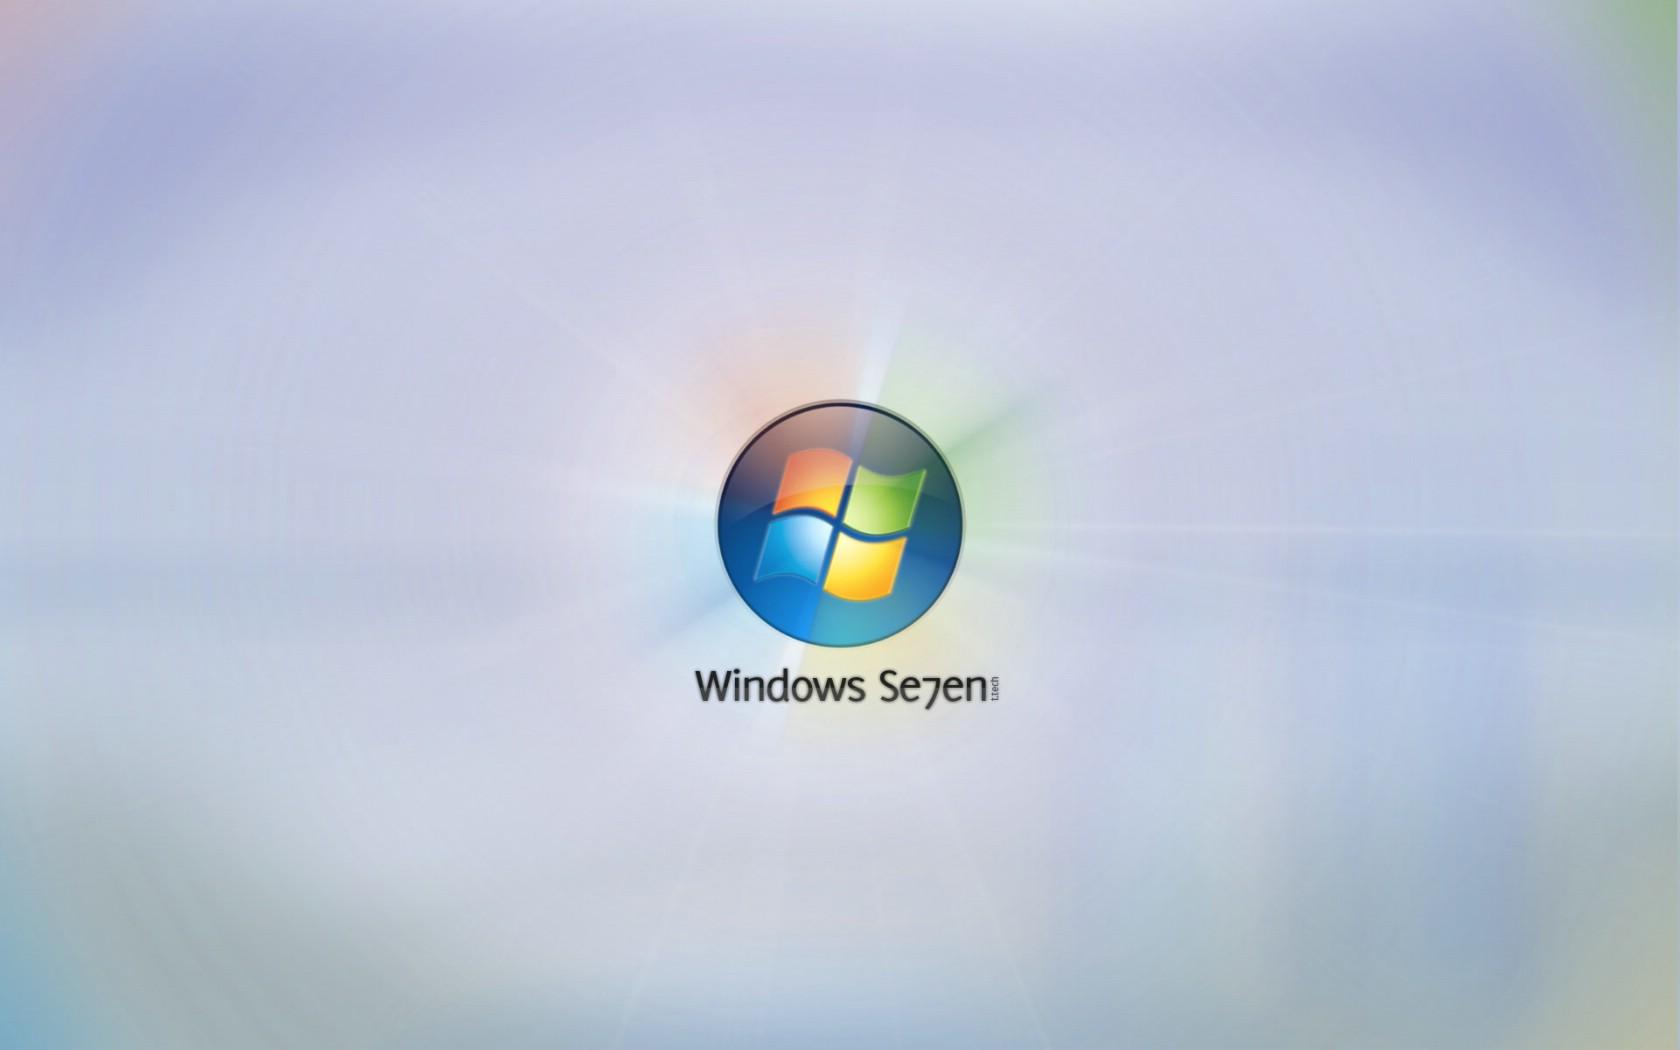 1050windows 7高清壁纸壁纸,windows 7高清壁纸壁纸图片 其他壁纸 图片